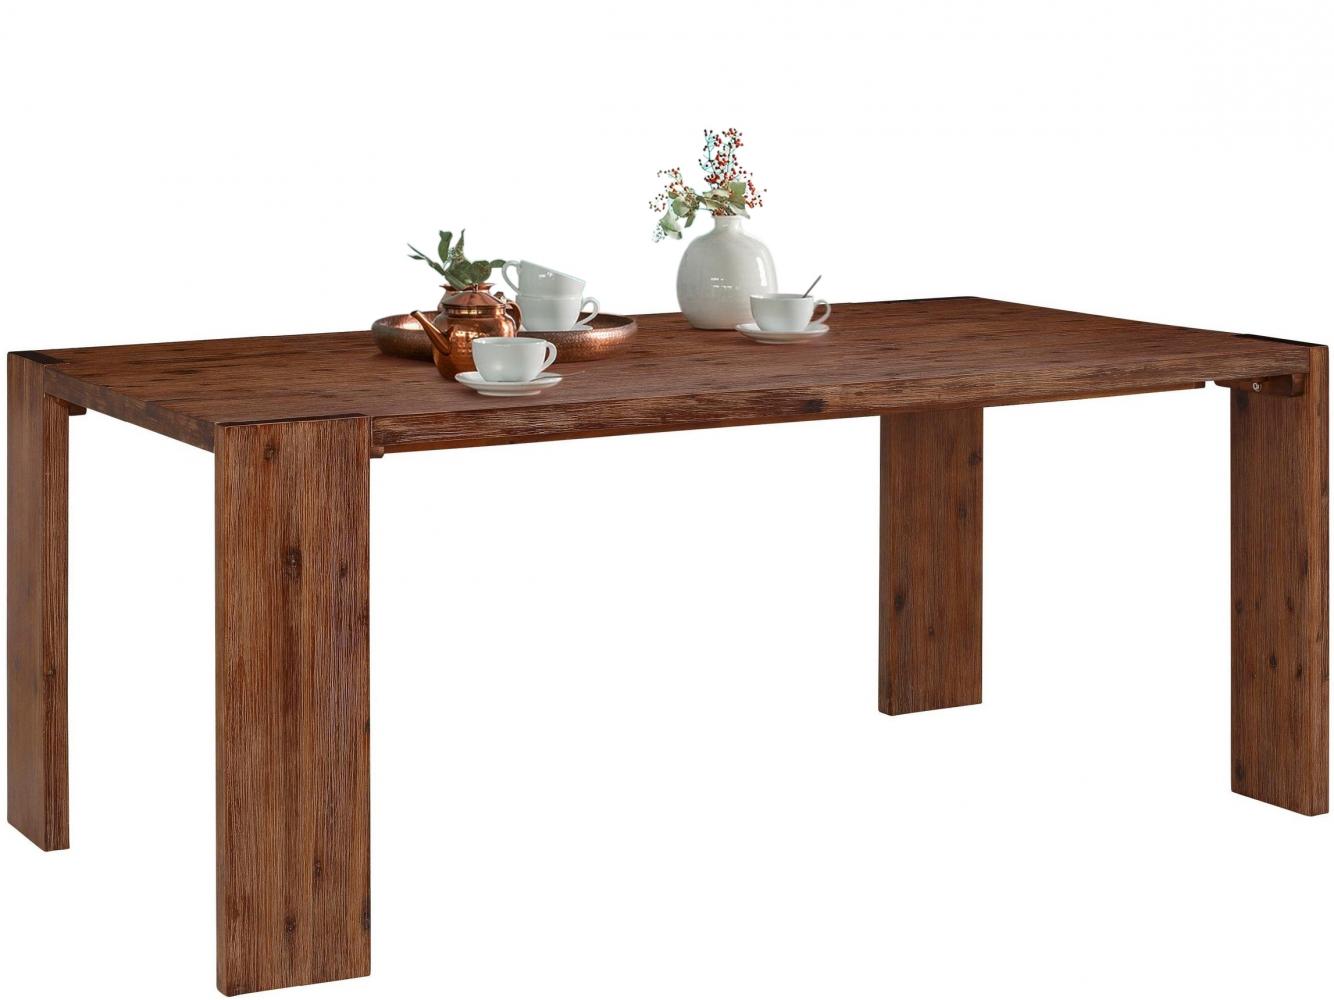 Jídelní stůl Jima, 180 cm, hnědá